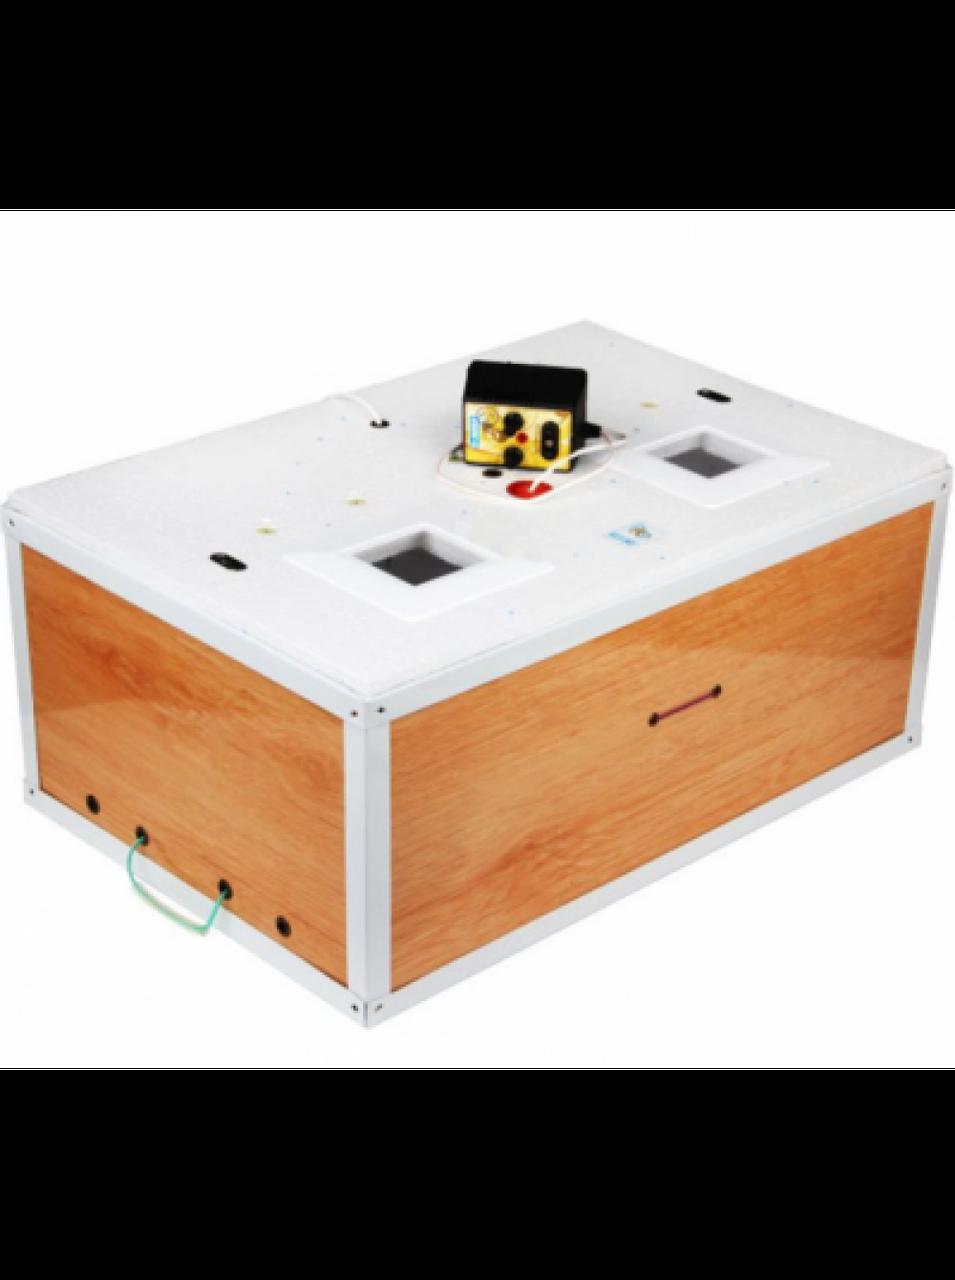 Инкубатор для яиц Курочка Ряба ИБ 42, автоматический, цифровой, ТЭН